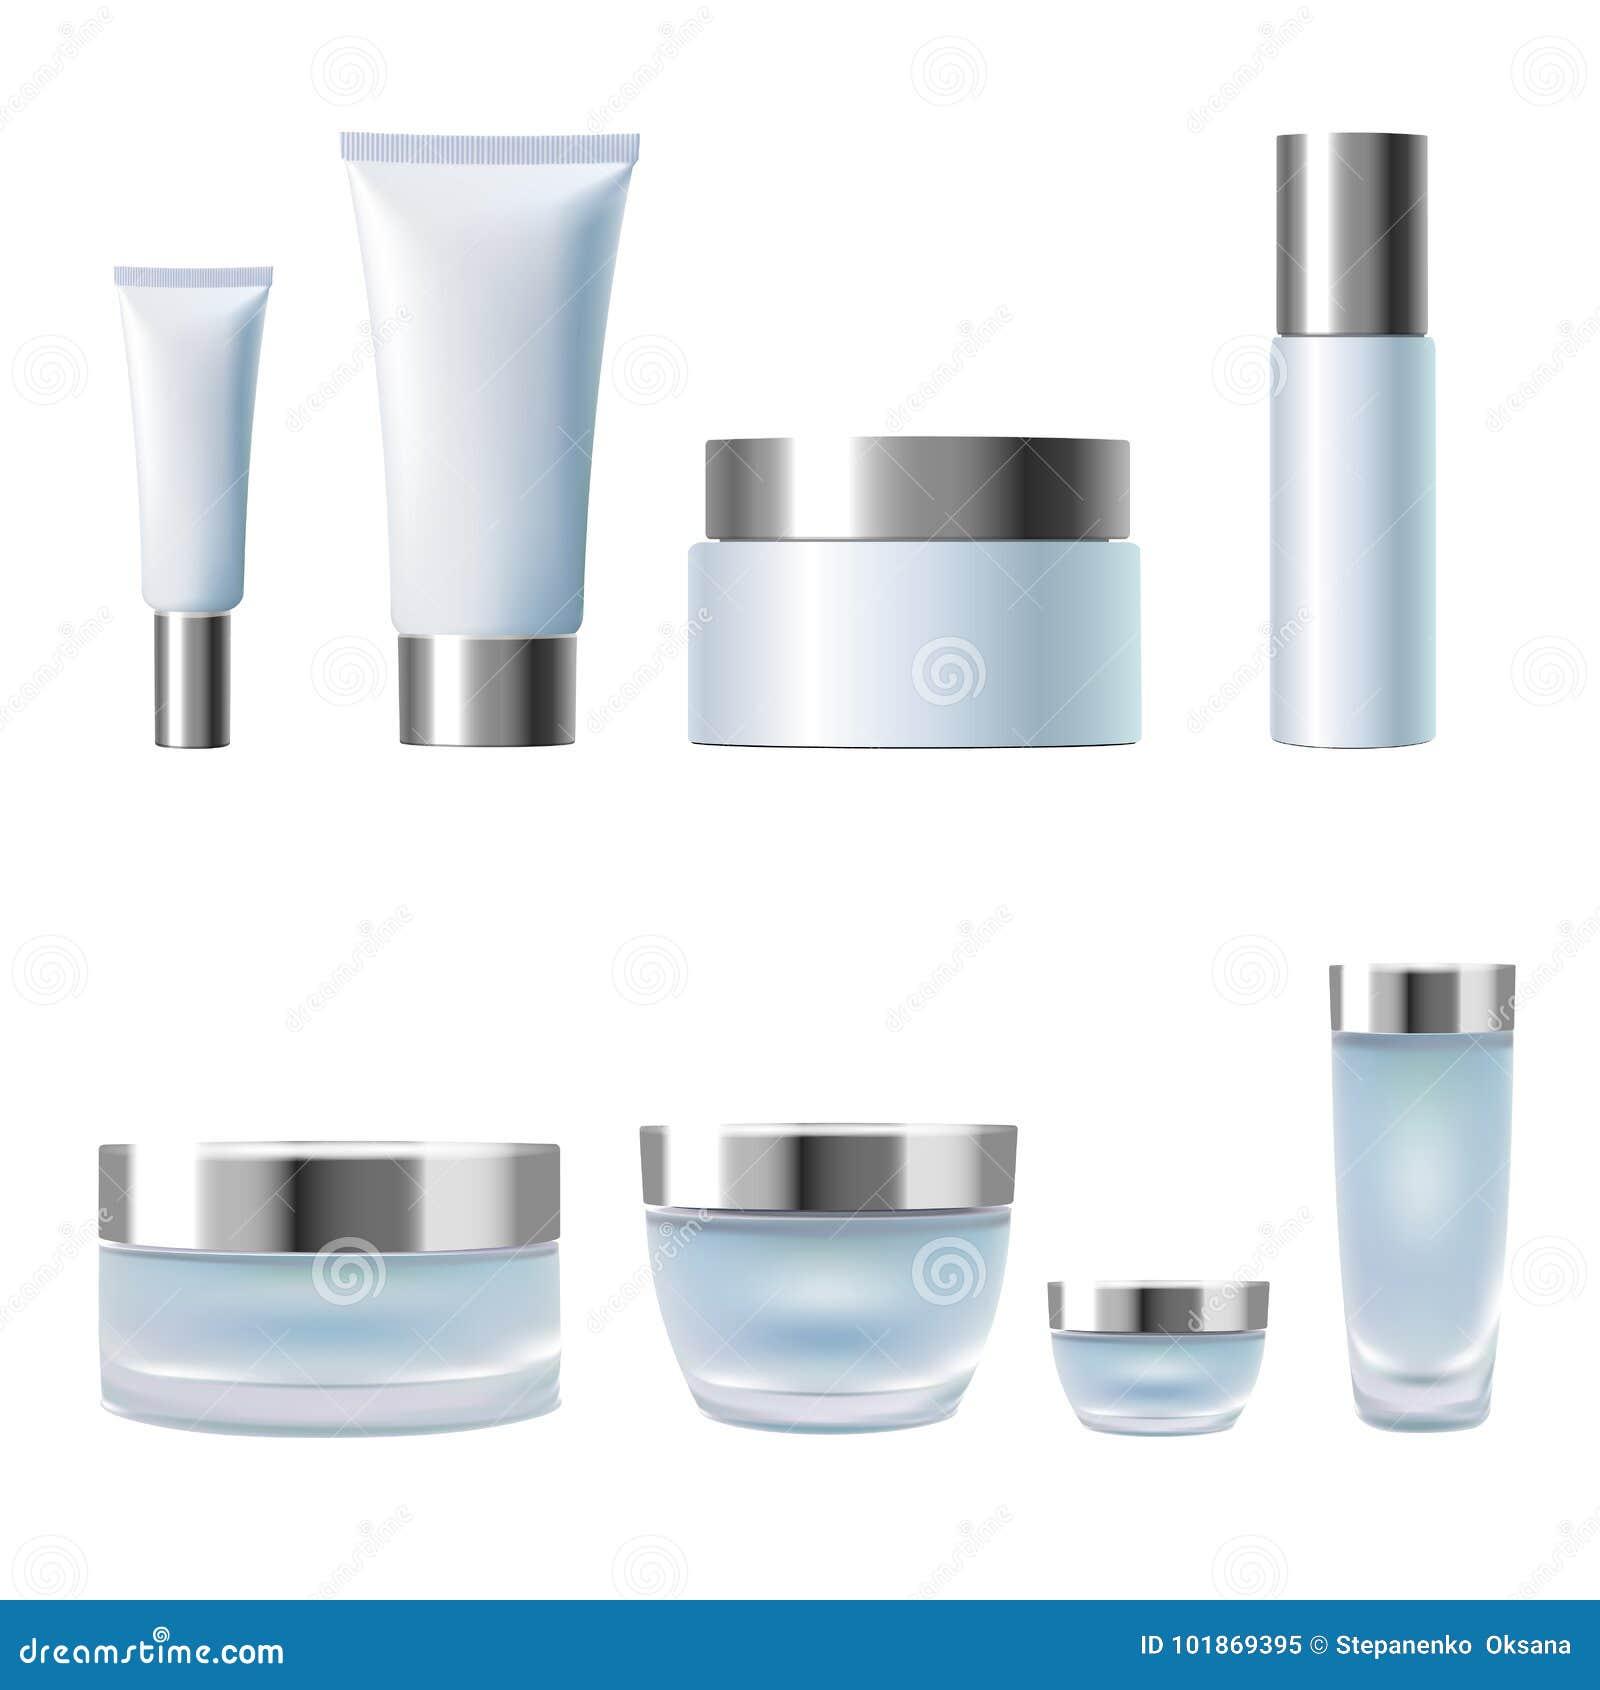 Gesetzte realistische kosmetische Cremetiegelrohre des Pakets 3d Glasplastik der hellblauen silbernen metallischen Behälter lokal